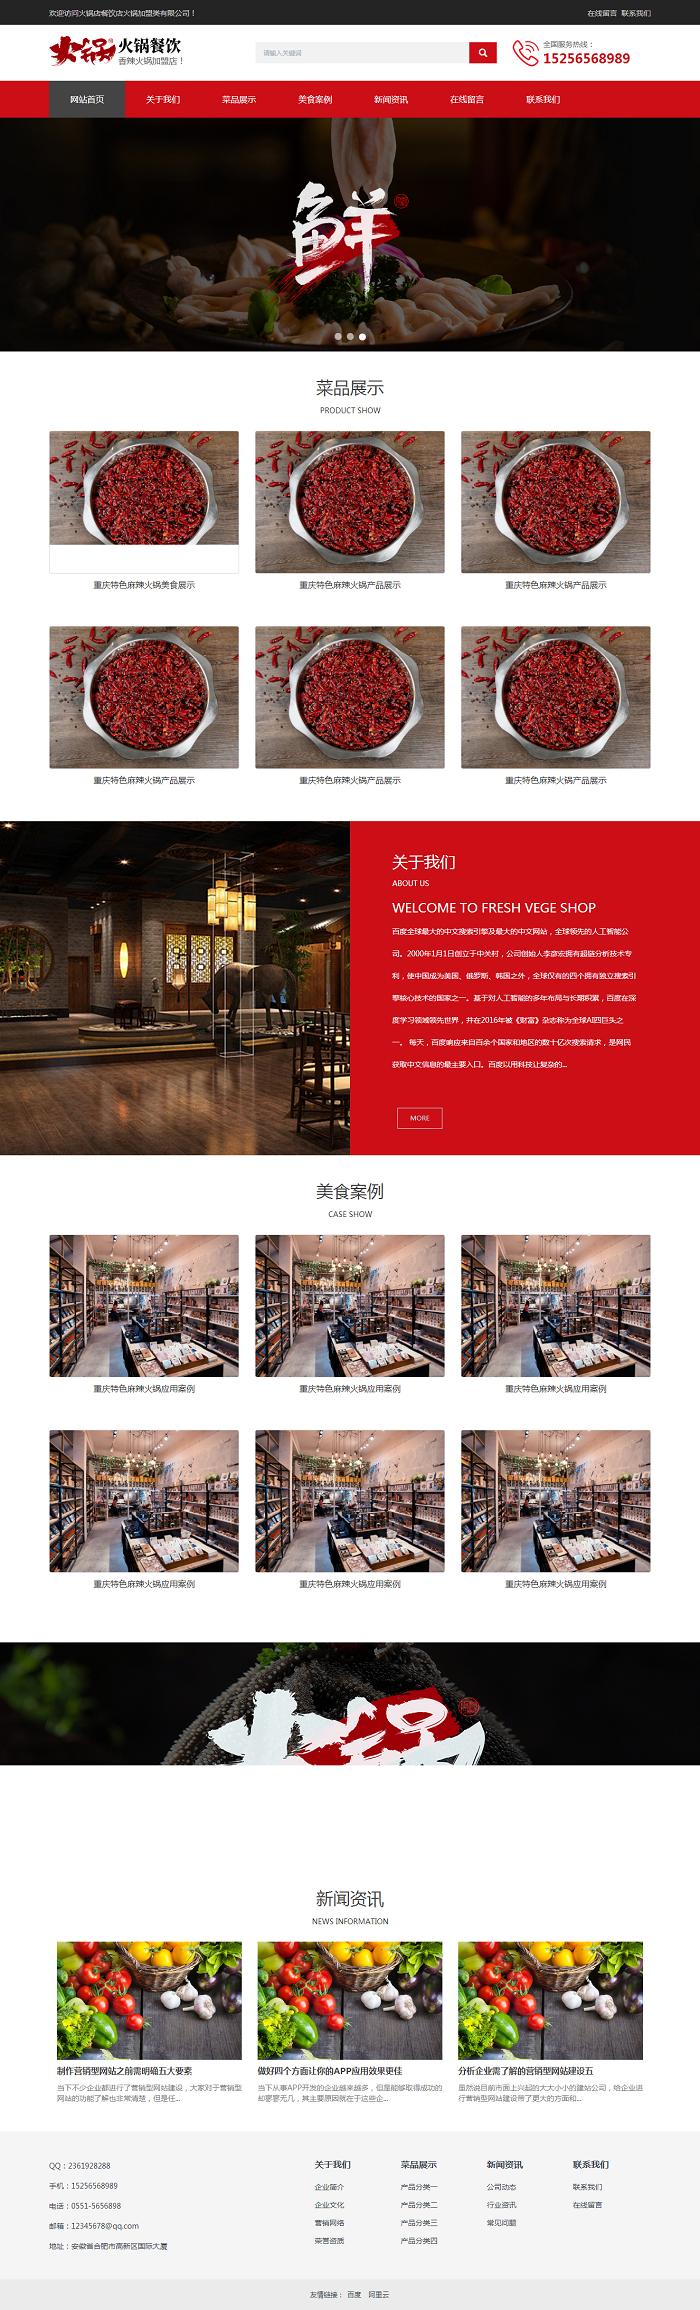 火锅餐饮网站建设